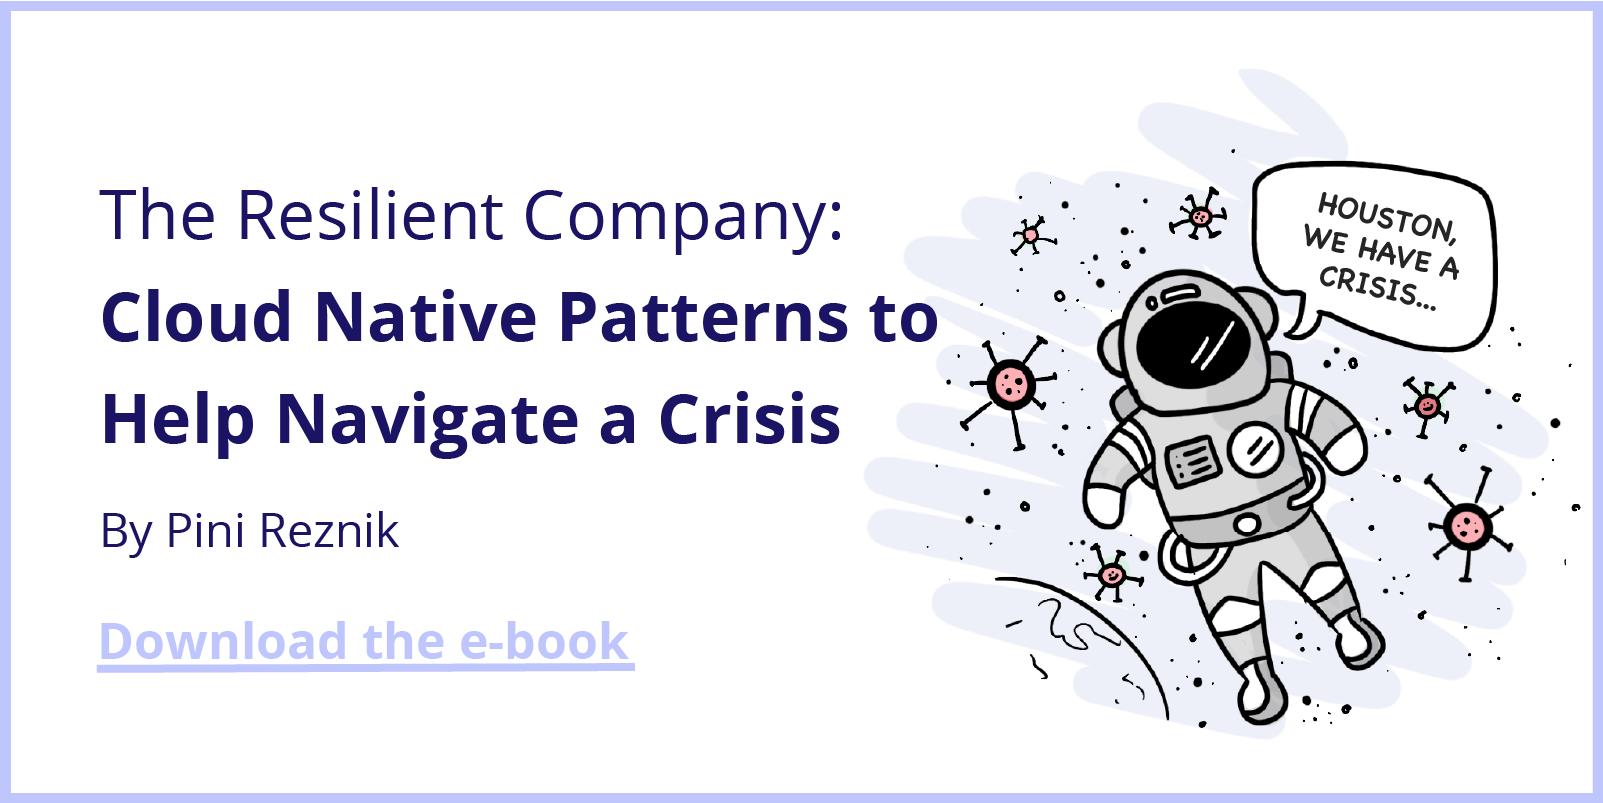 resilient-campaign-crisis-patterns-pini-reznik-ebook-1